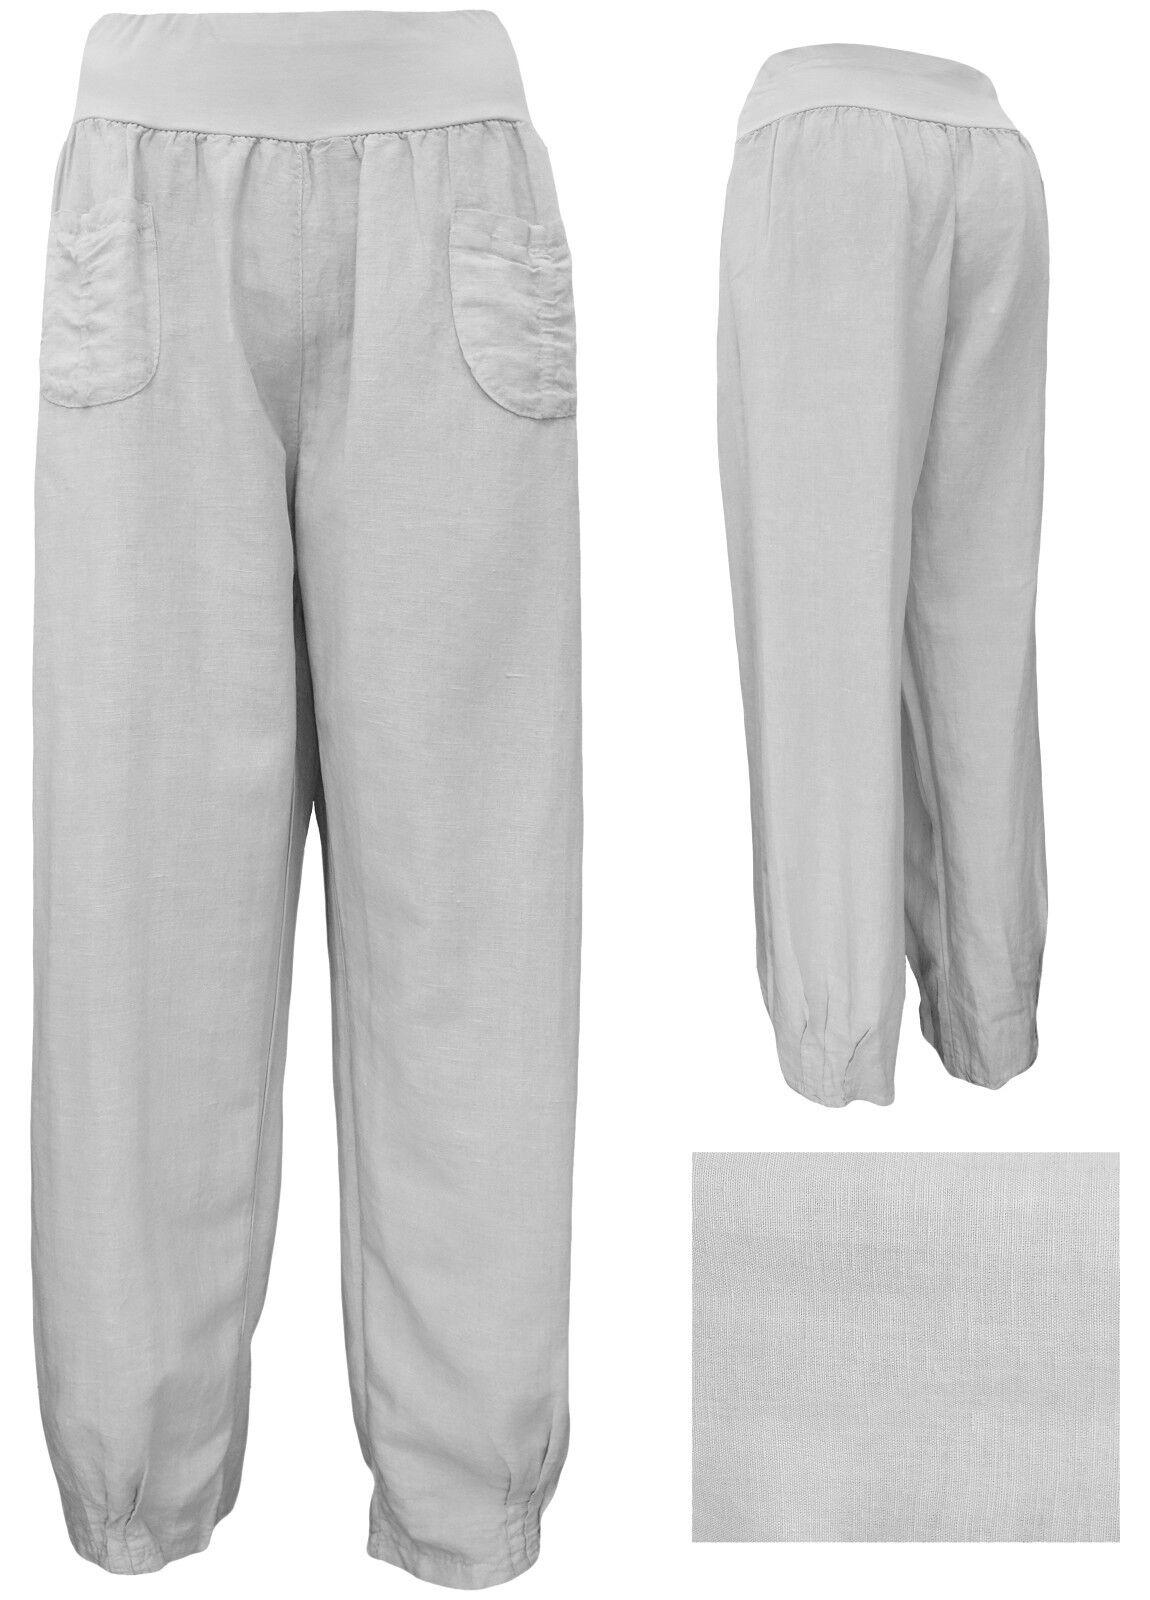 Leinenhose - weite Stoffhosen Damen - Gummizug - leichte Sommerhose Gr. M - 3XL